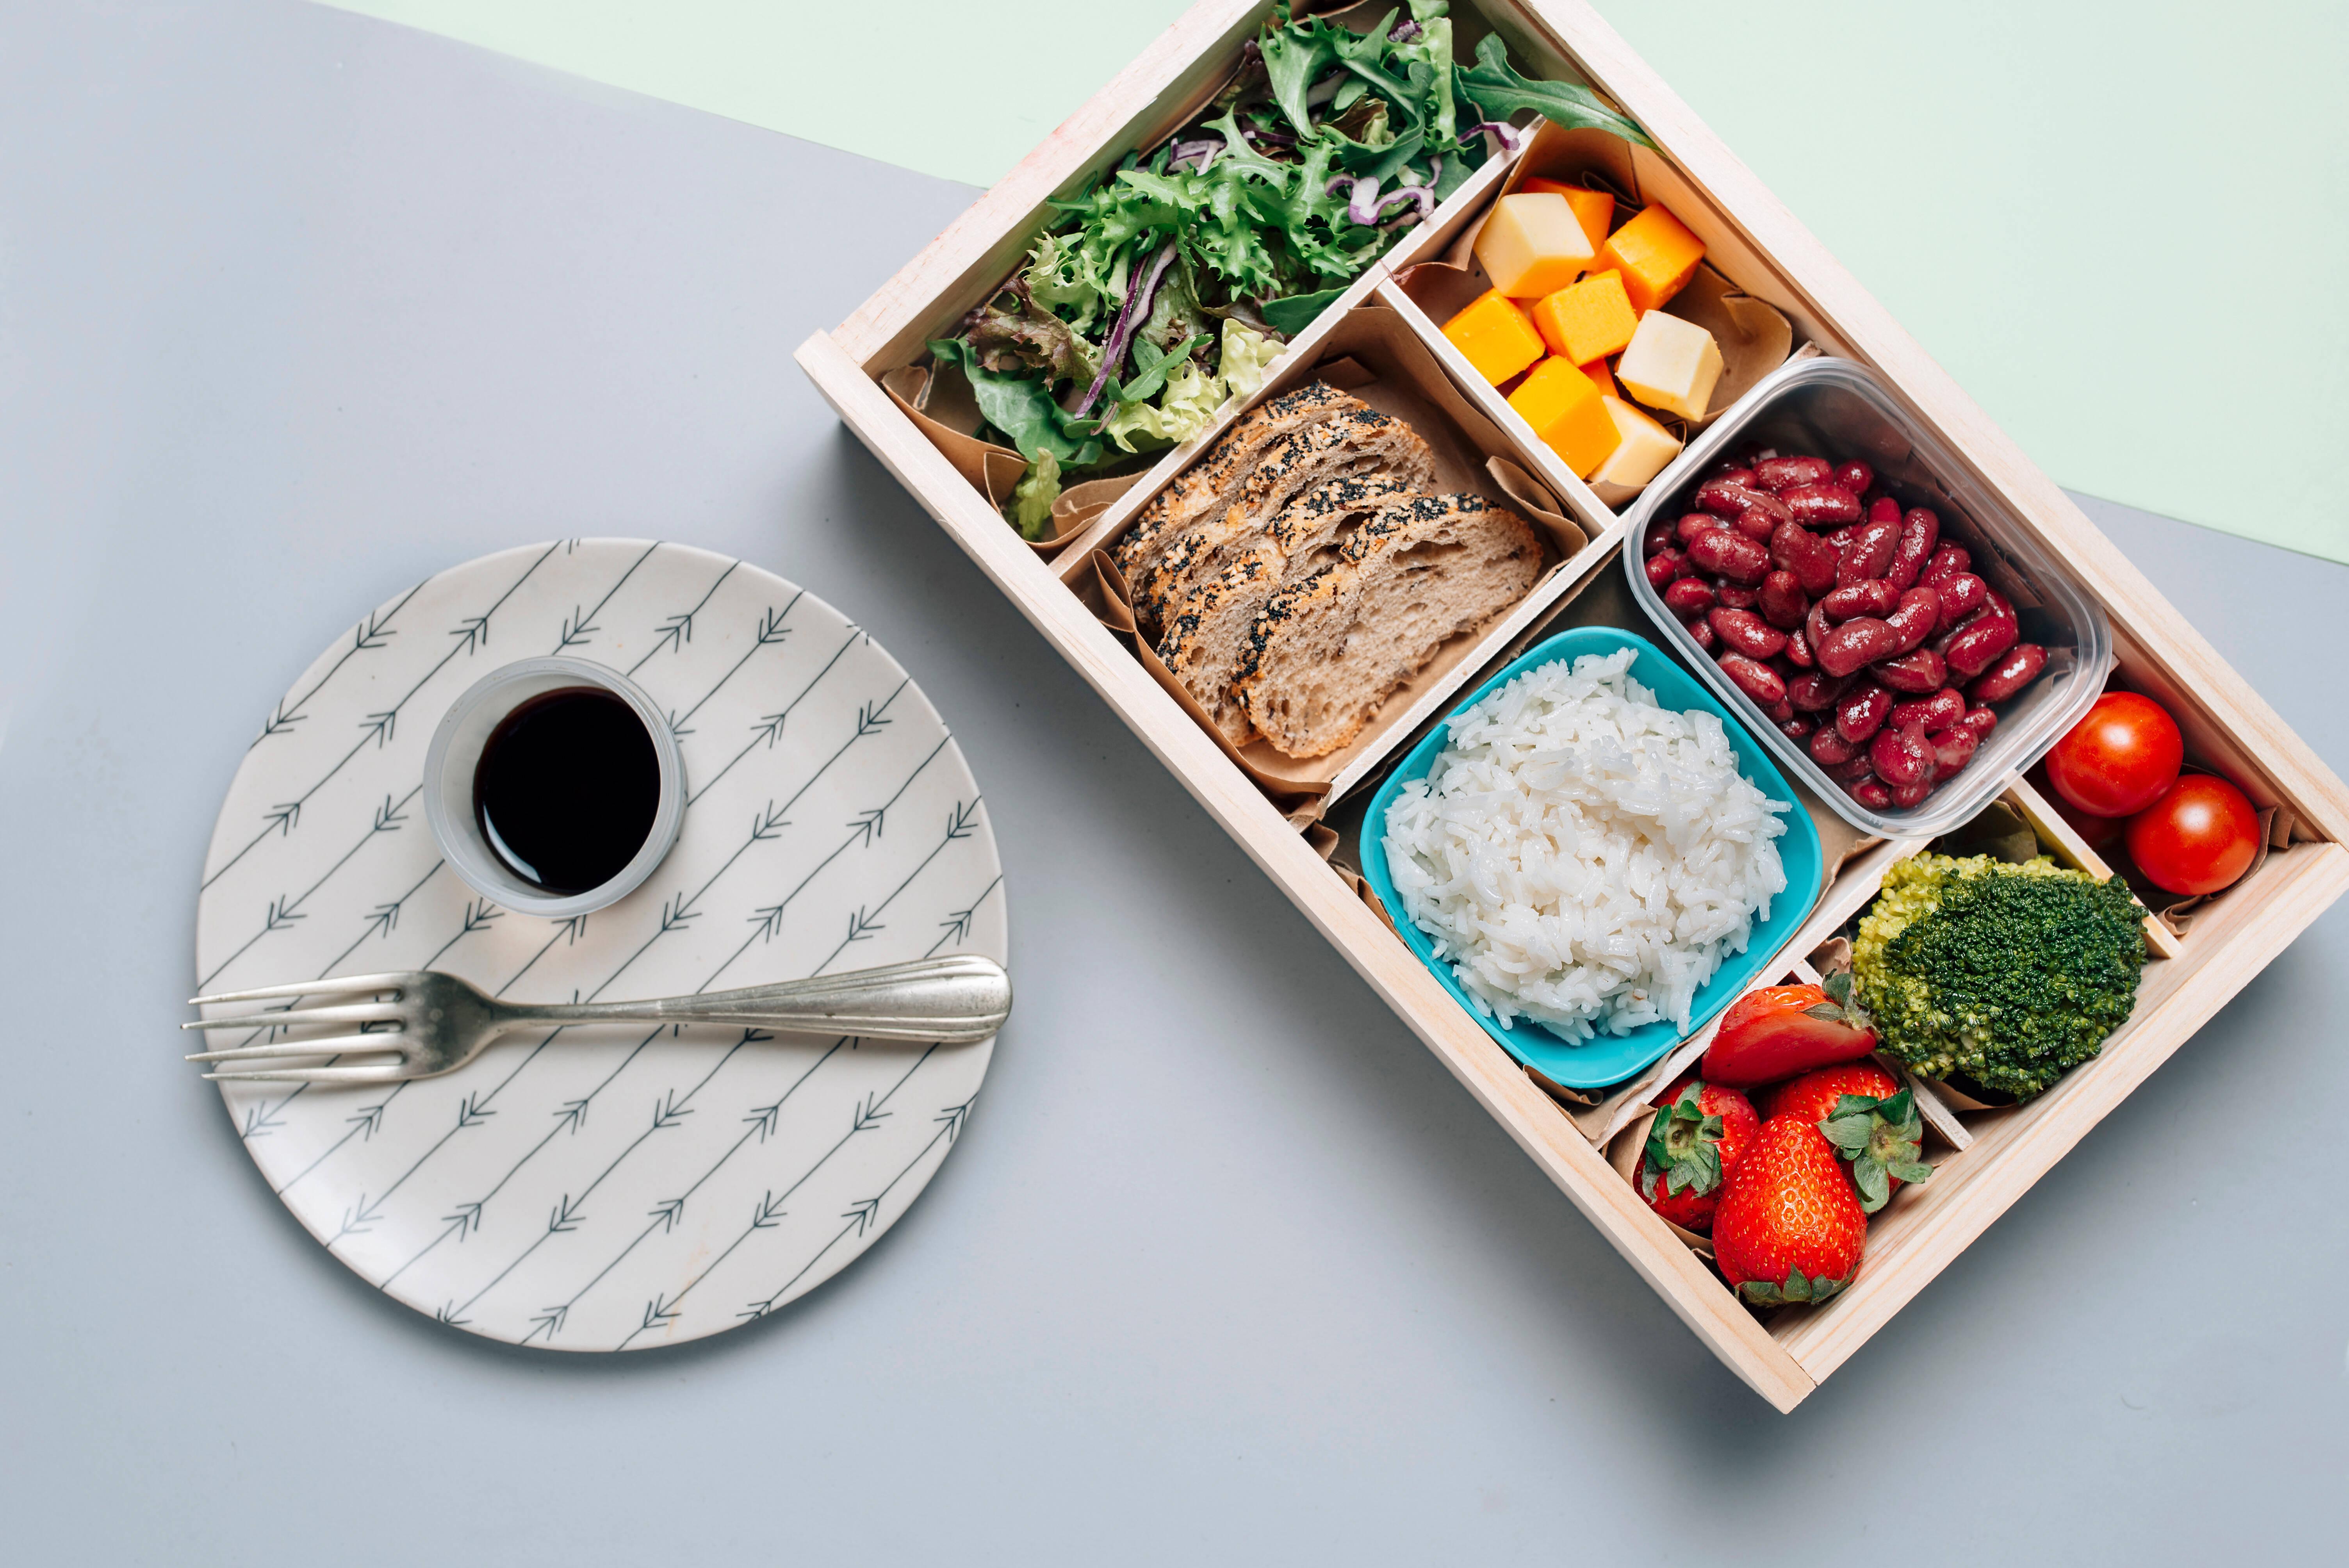 Möchten Sie Essen unterwegs warmhalten, nutzen Sie Lunchboxen, die Wärme speichern.